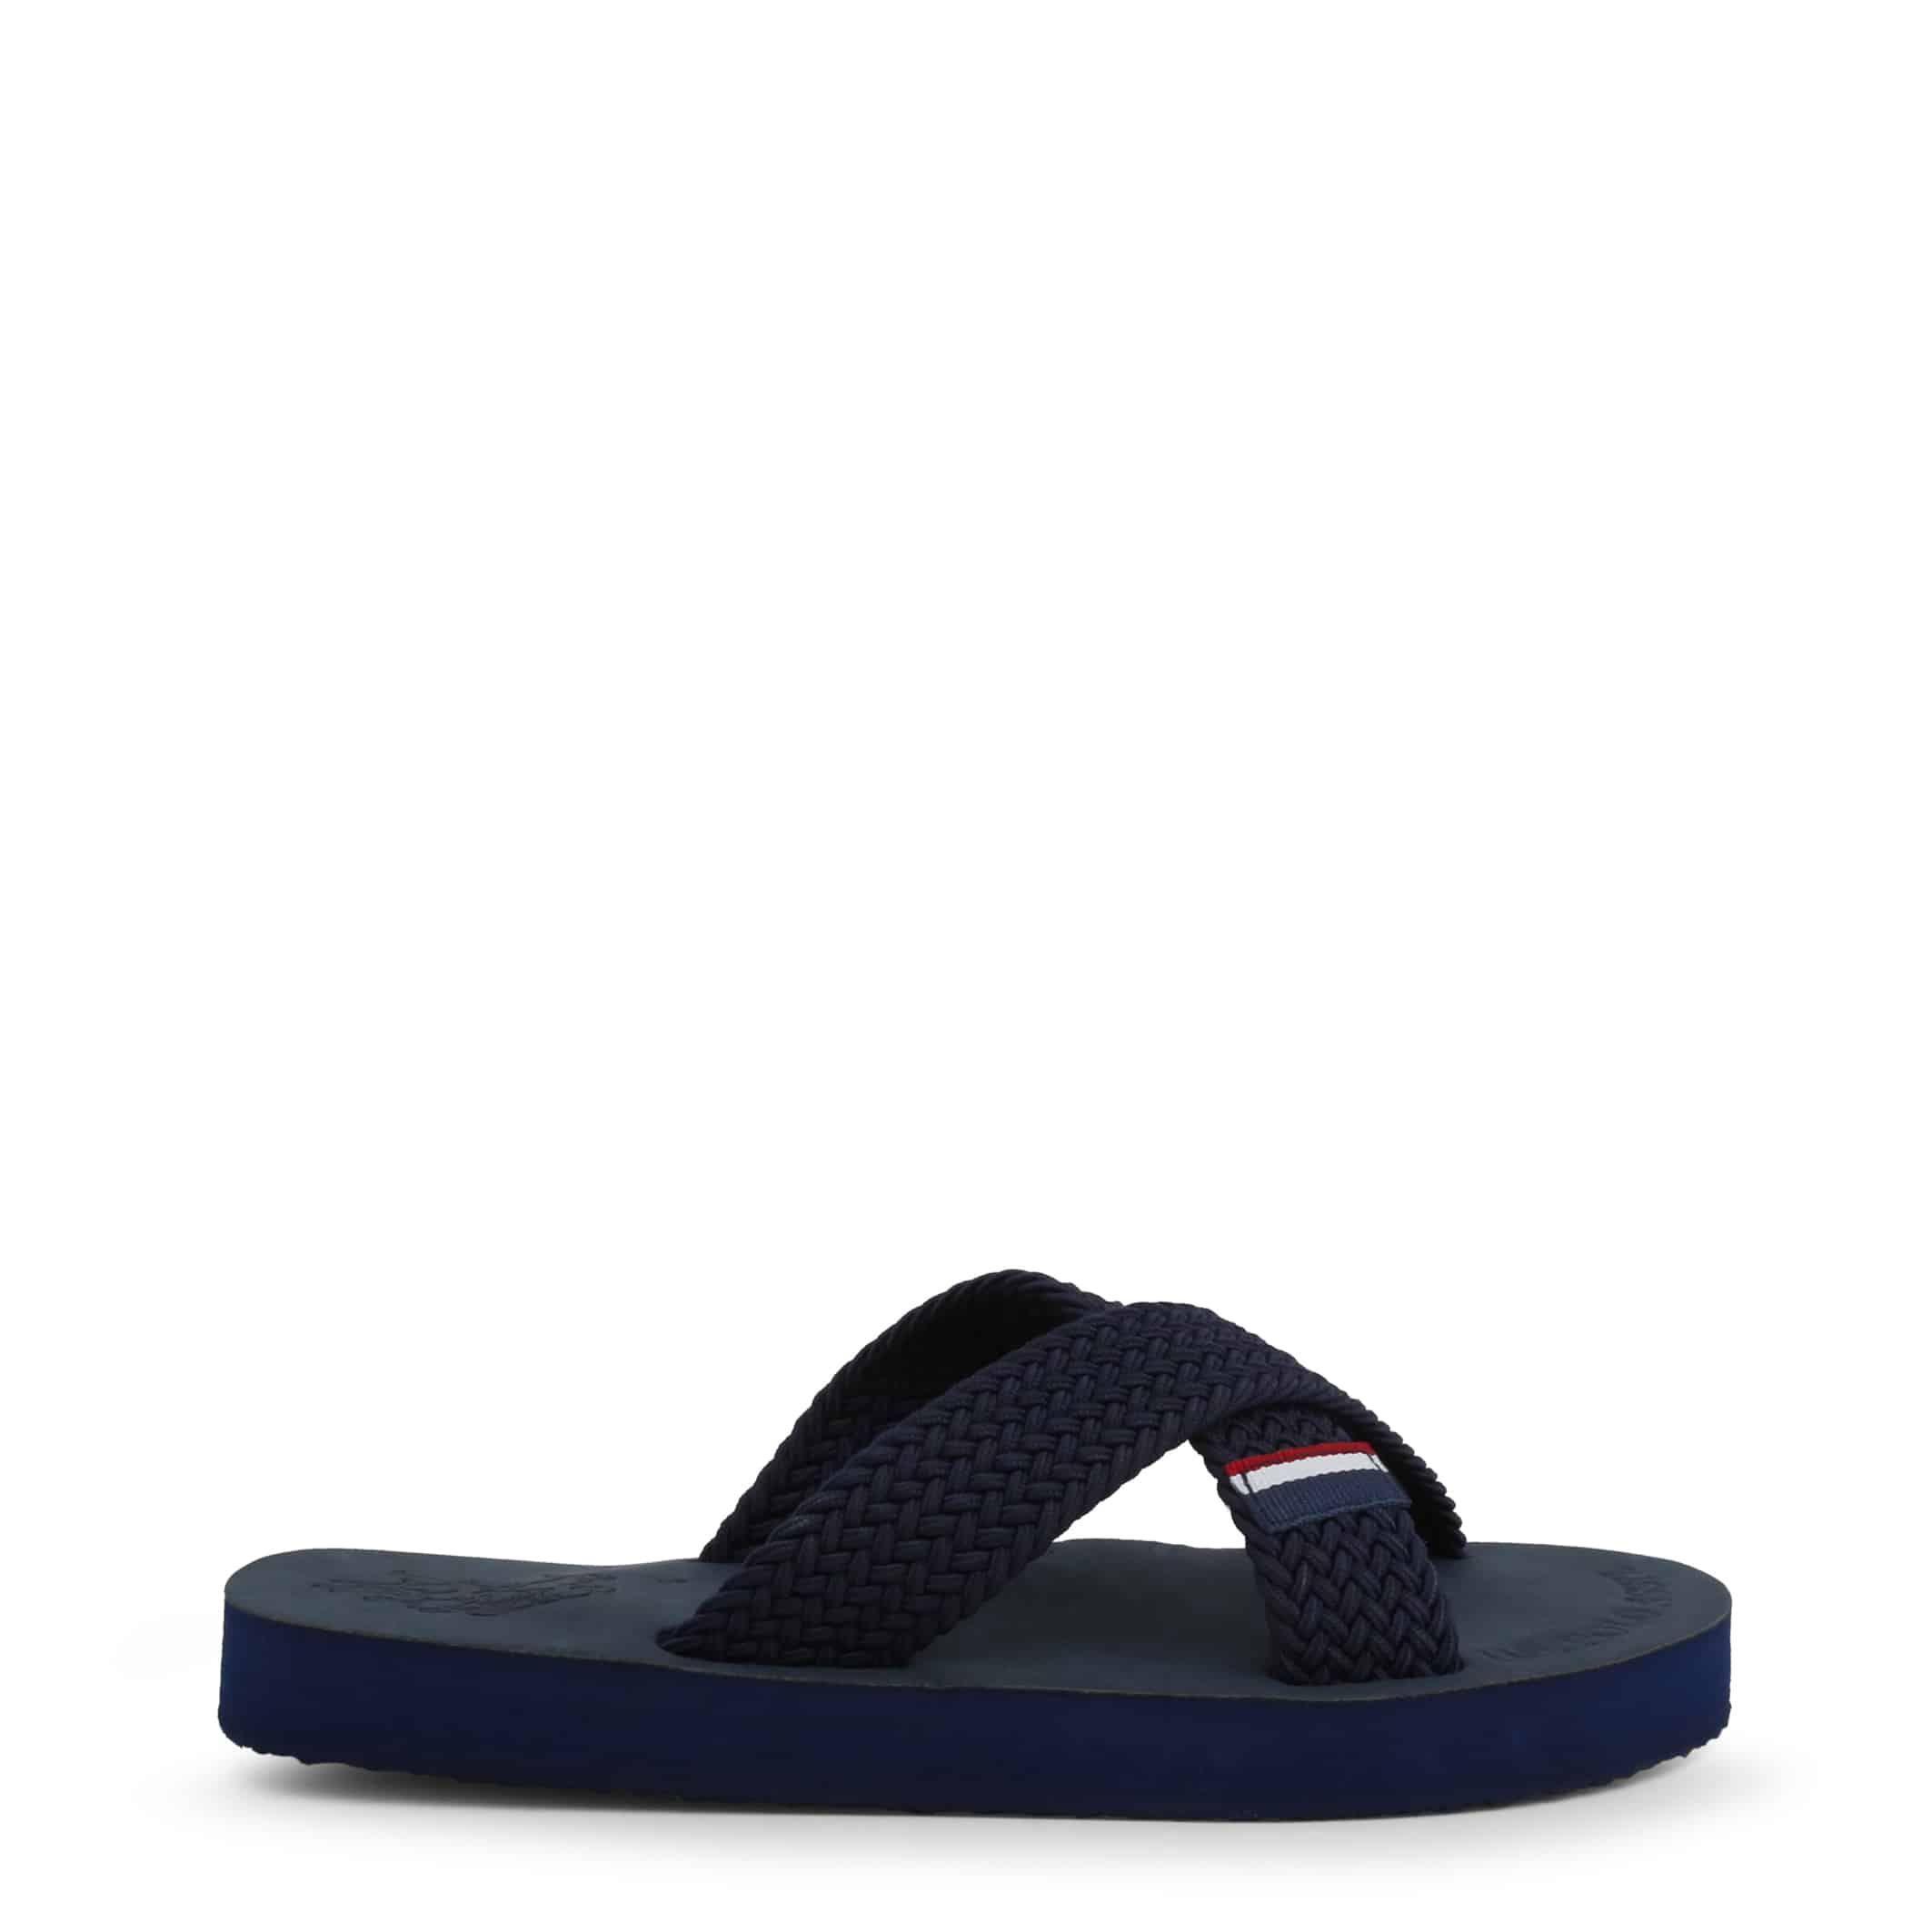 Nu-pieds et Tongs U.S. Polo Assn. – EGADI4134S9_T2